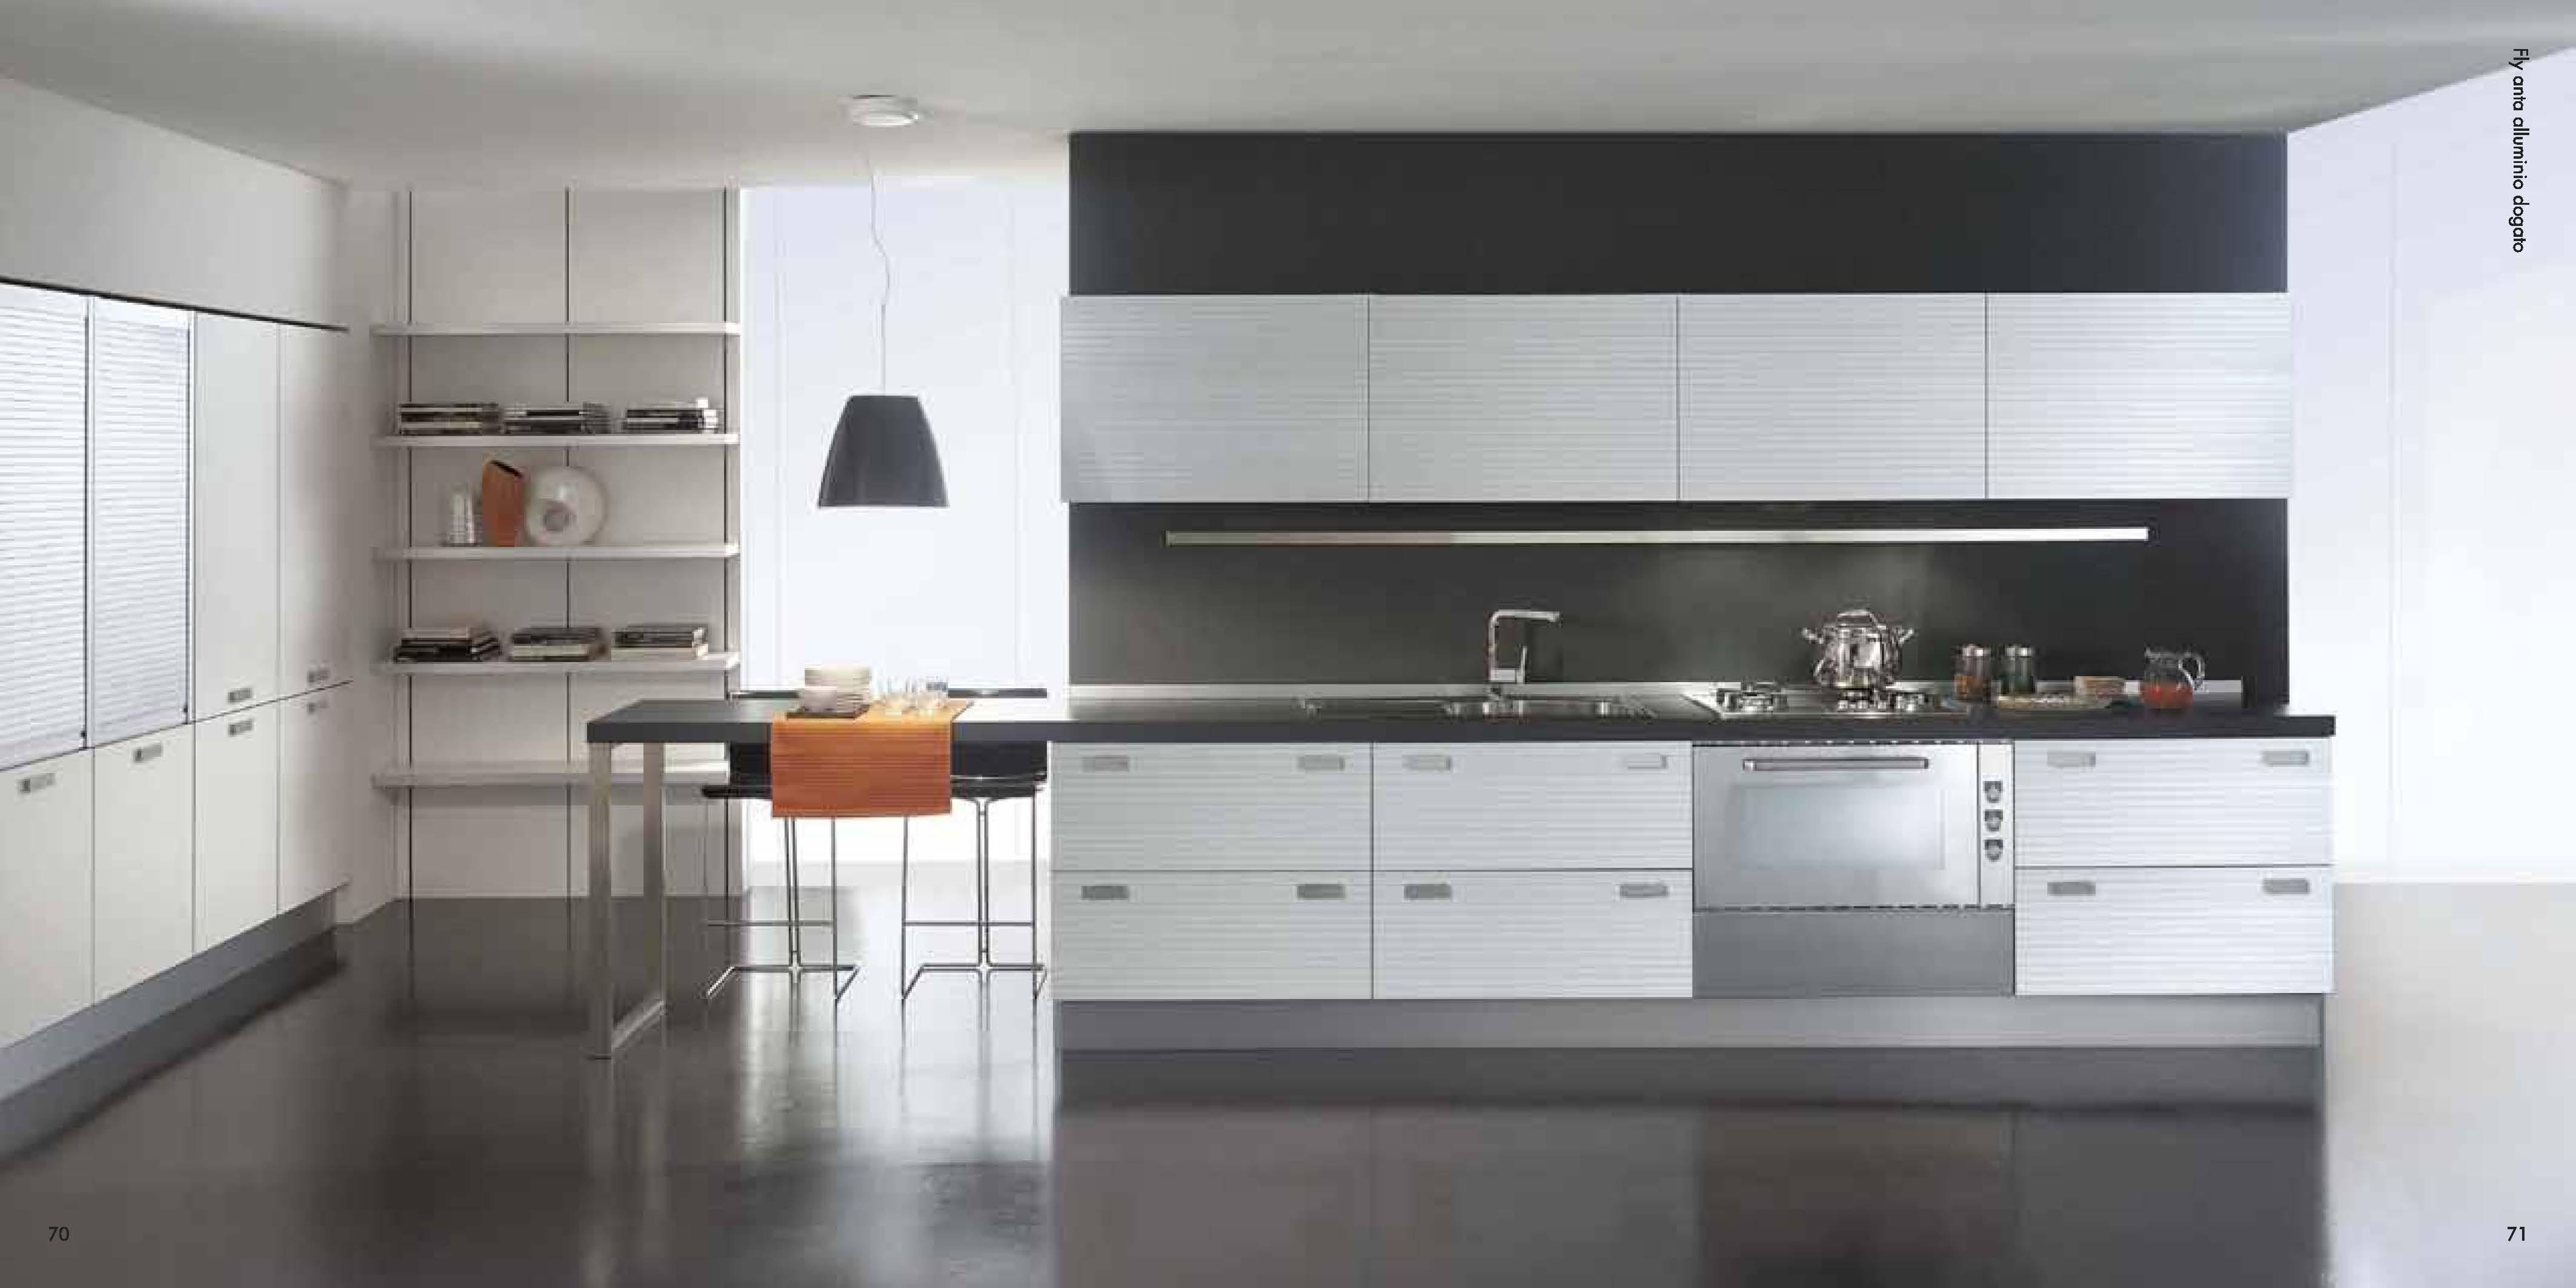 Arredamento cucina lombardia provincia di como for Immagini mobili